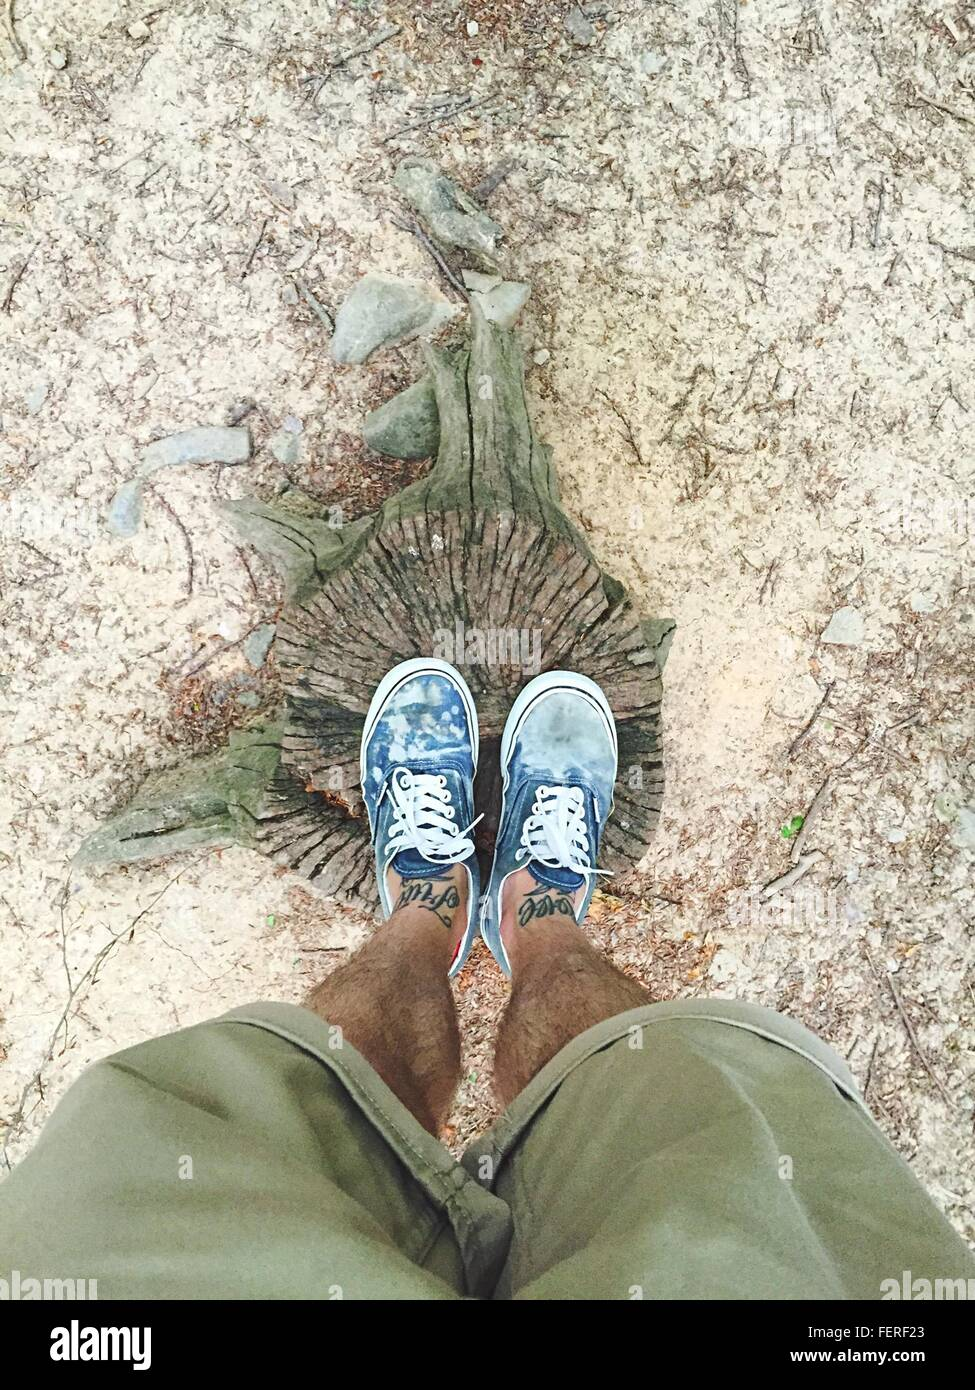 La section basse de l'Homme portant des chaussures sur souche d'arbre fissuré Photo Stock